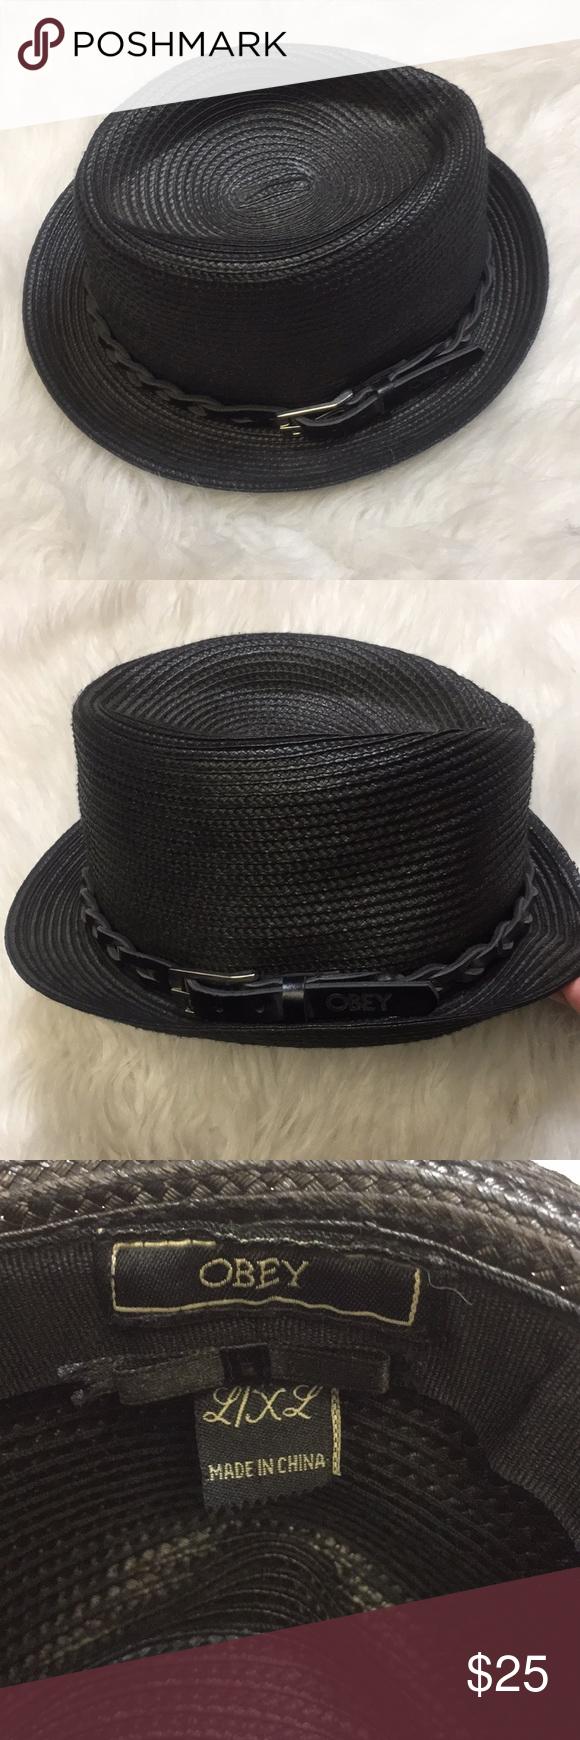 Obey Hat Size L Xl Hats Hat Sizes Accessories Hats